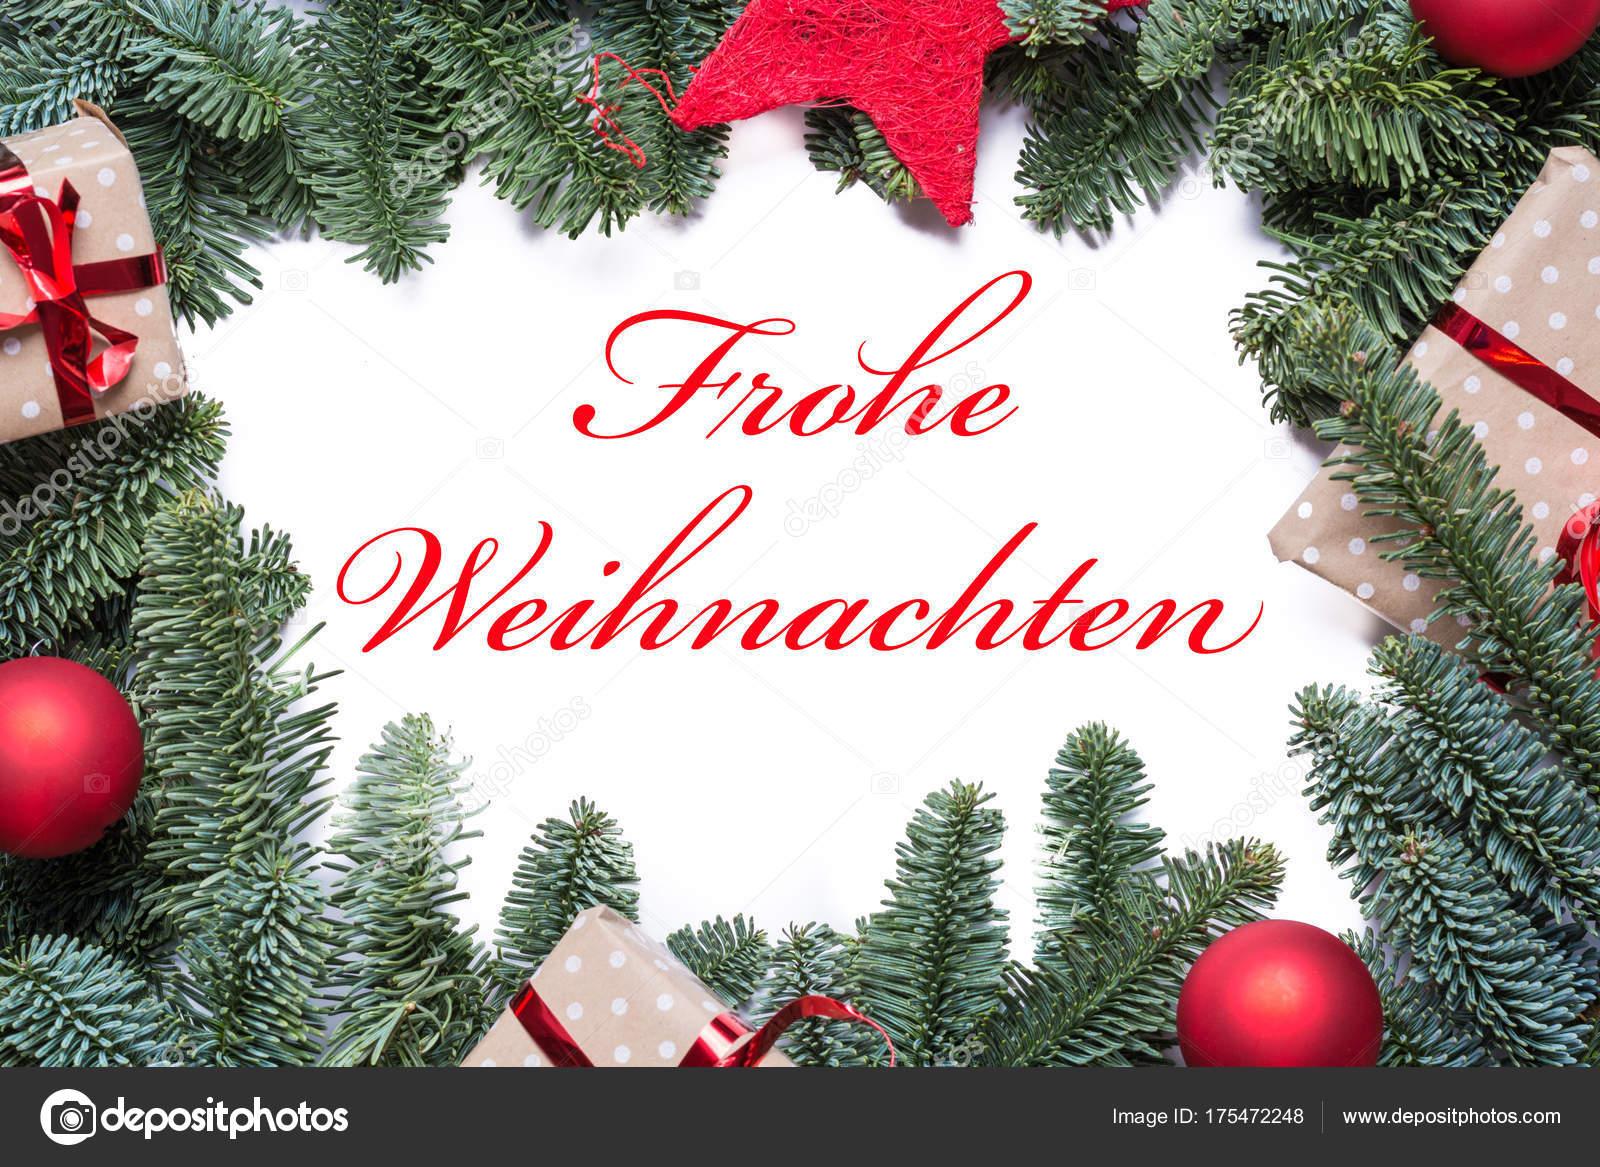 Frohe Weihnachten Rahmen.Frohe Weihnachten In Deutscher Sprache Auf Einem Weihnachten